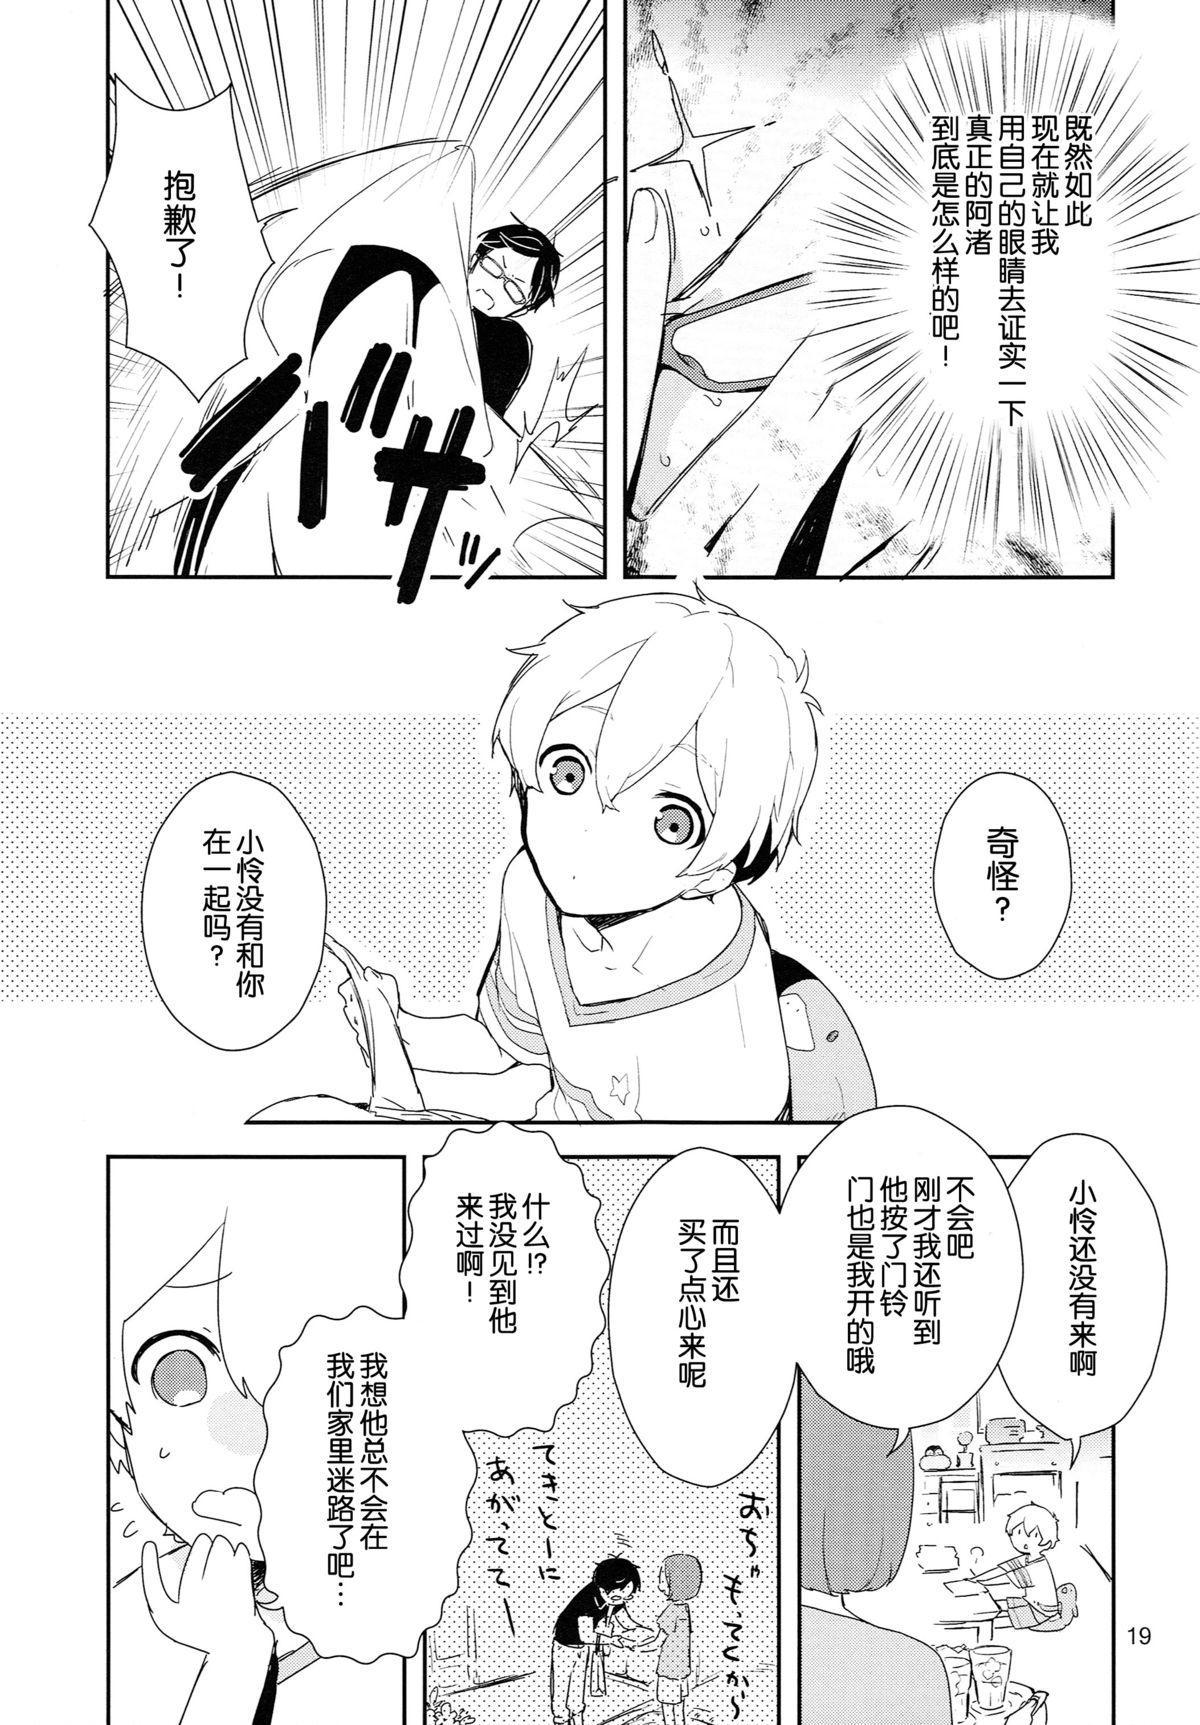 Ryuugazaki nanigashi wa seiyoku wo moteamashite iru. 16